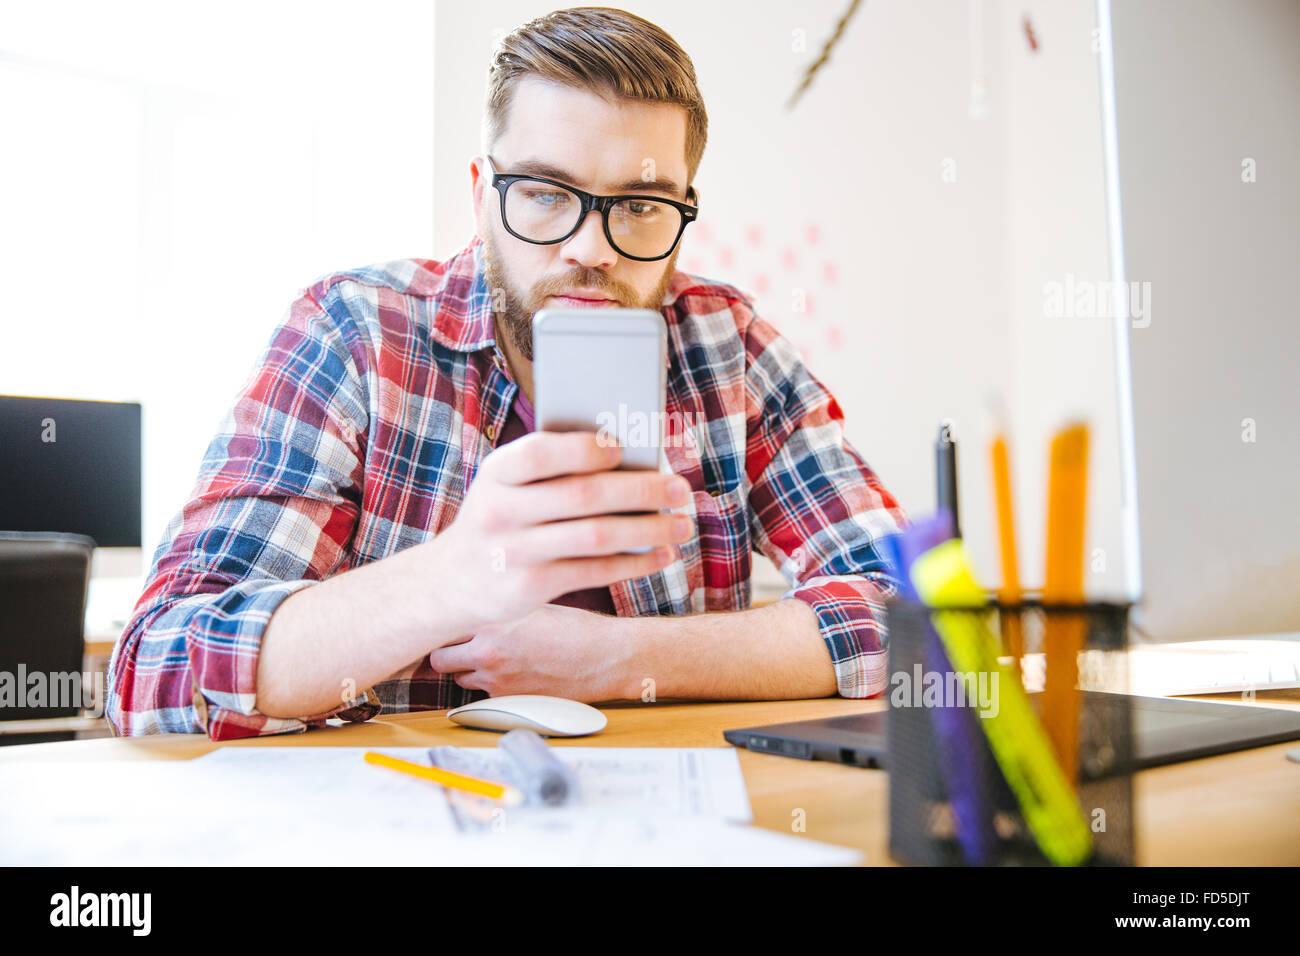 Hübscher konzentrierte junger Mann mit Bart im karierten Hemd am Tisch sitzen und mit Handy Stockbild